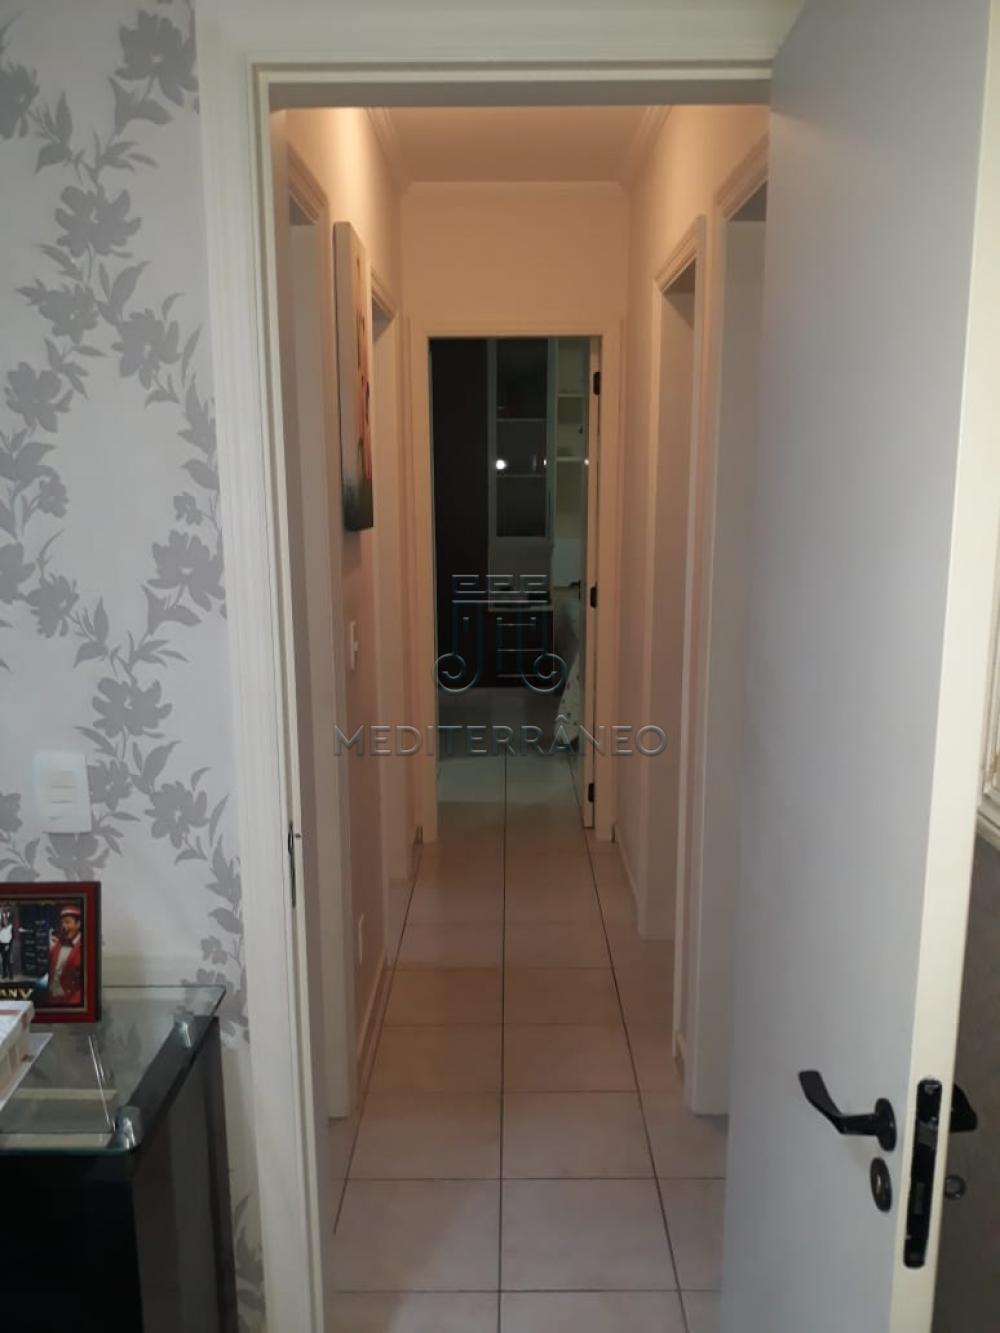 Comprar Apartamento / Padrão em Jundiaí apenas R$ 520.000,00 - Foto 7